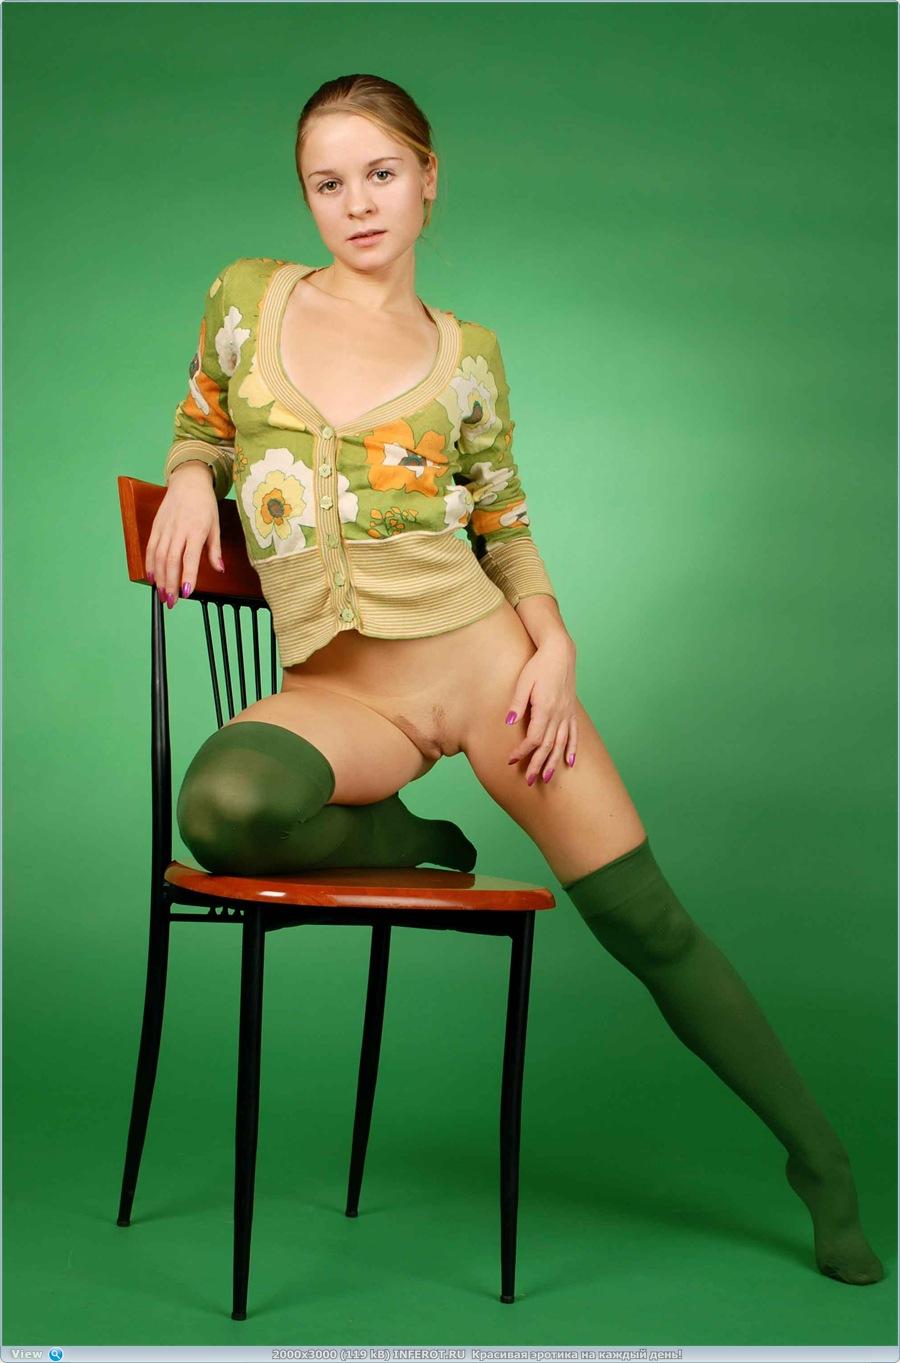 Эротика в зеленых тонах (20 фото)